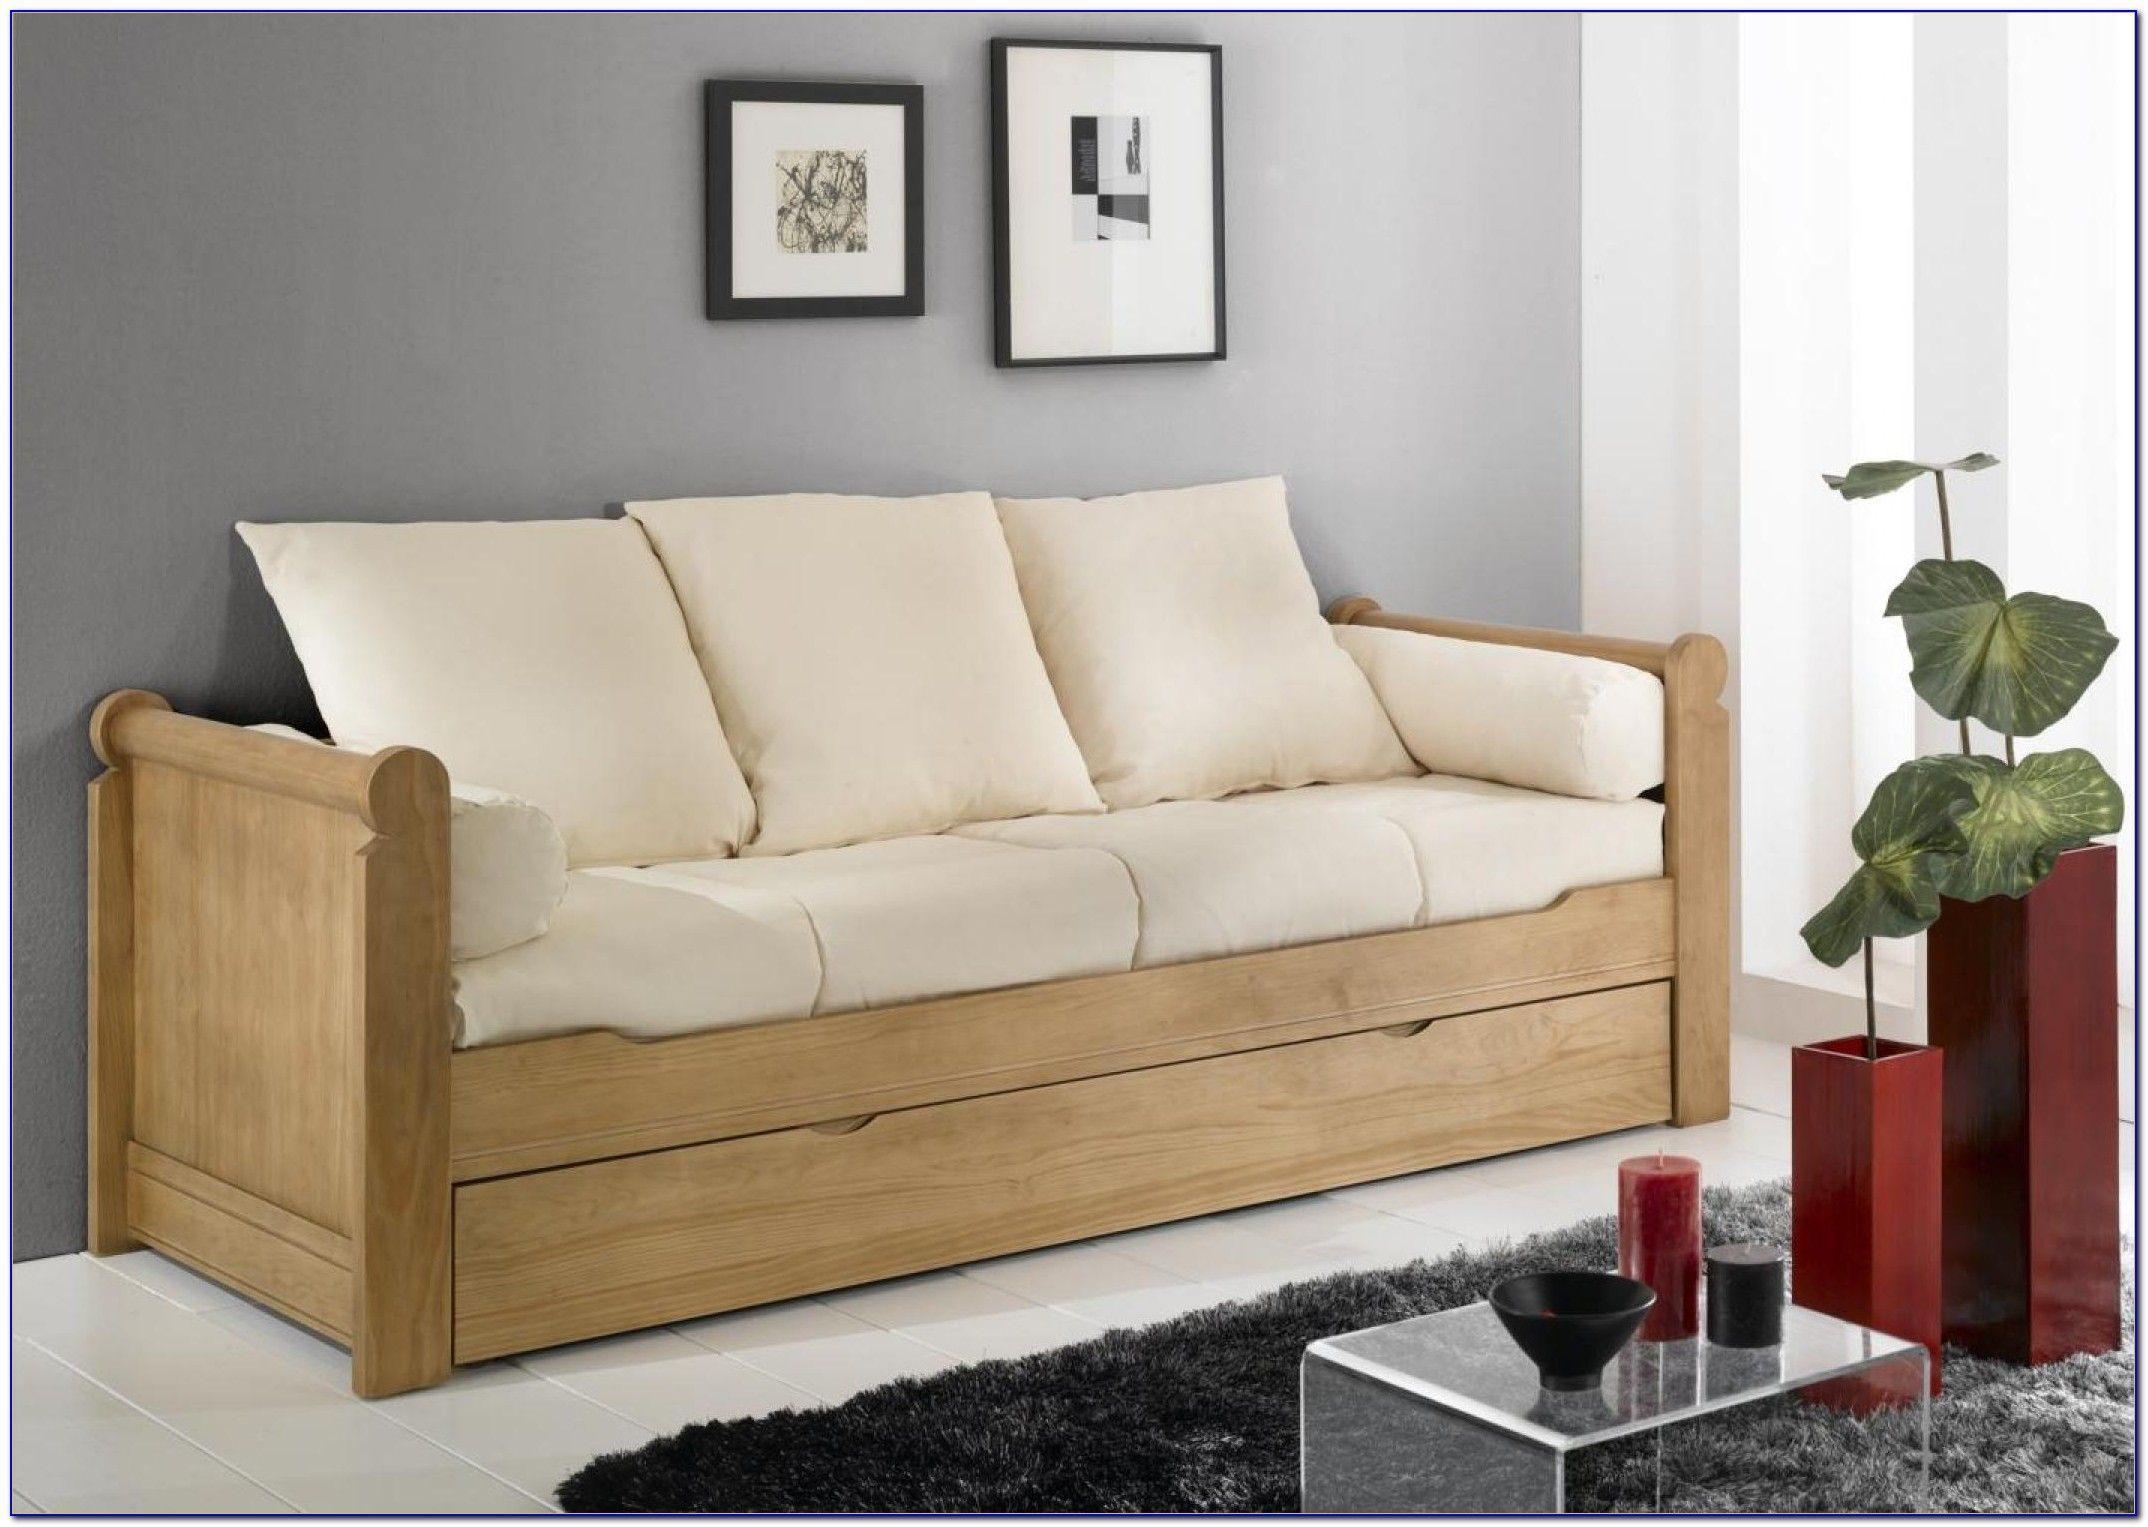 Maison Du Monde Canapé Lit Bel Entra Nant Lit Superposé Avec Canapé Sur Lit Biné Armoire Fresh Lit